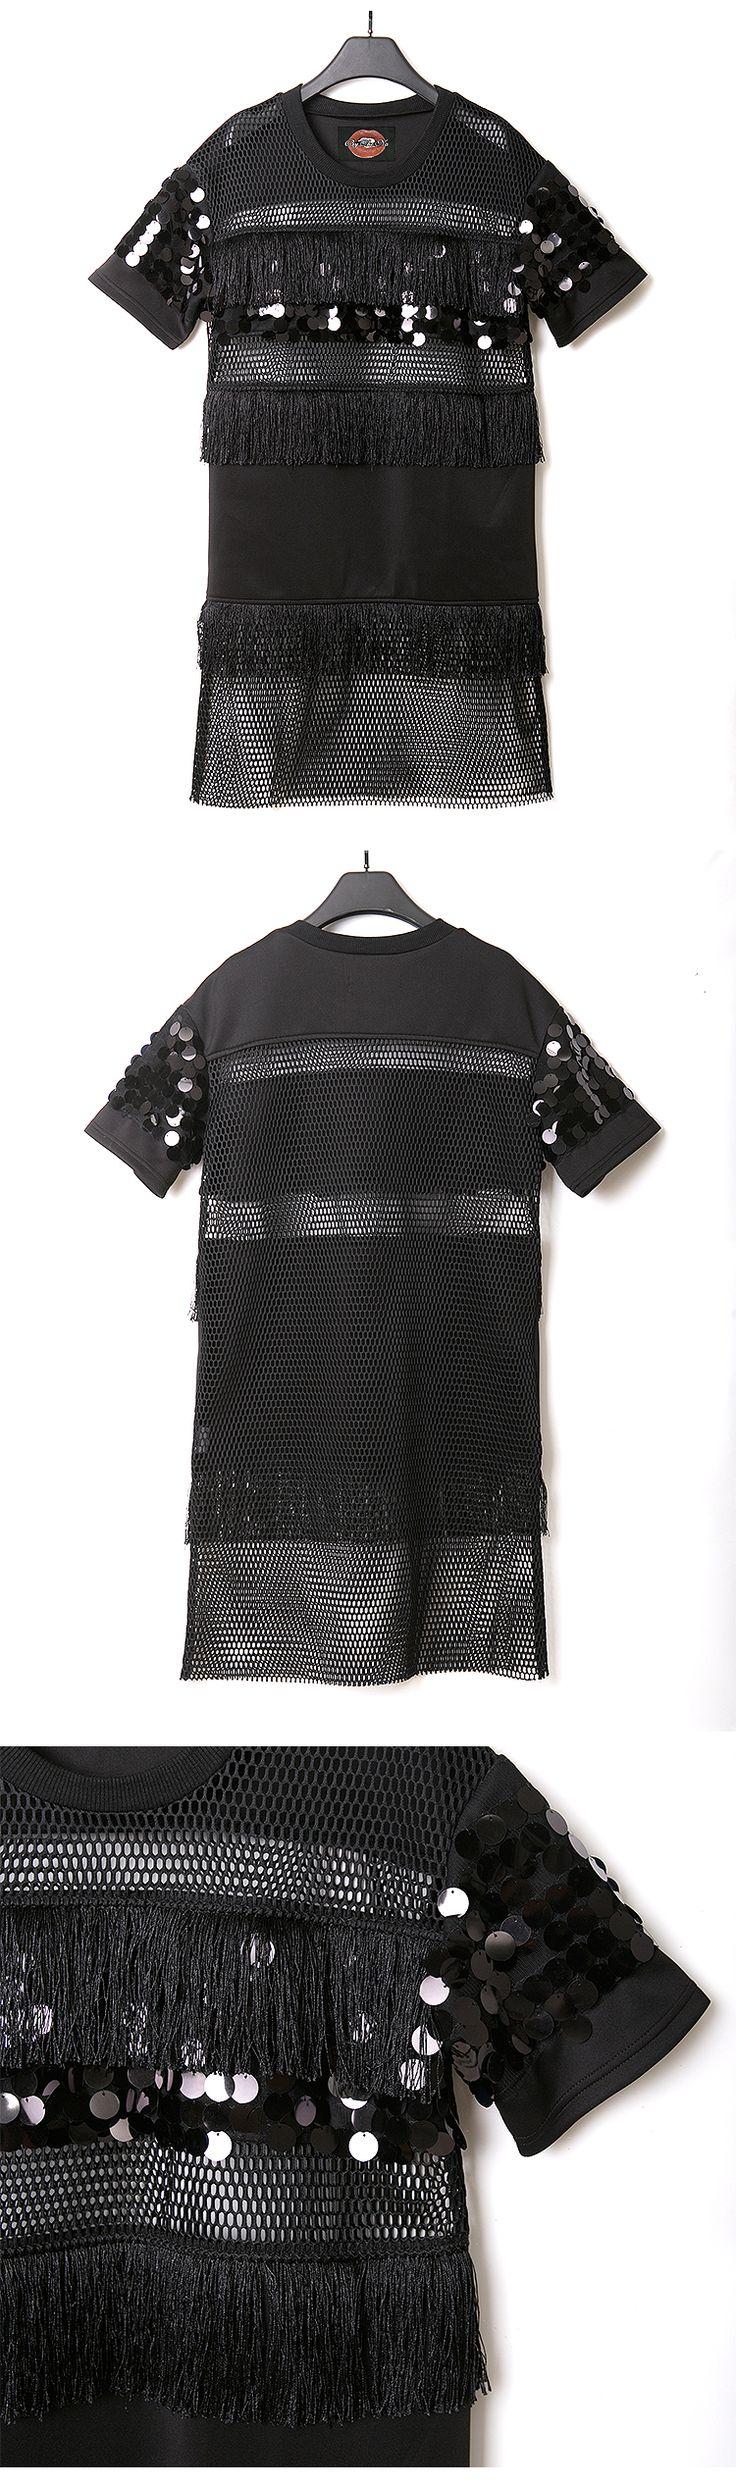 Мелинда стиль 2015 новых мужчин мода платье лето свободного покроя блестками сетки платье белый и черный 2 цвета свадебные платья бесплатная доставка, принадлежащий категории Платья и относящийся к Одежда и аксессуары для женщин на сайте AliExpress.com   Alibaba Group